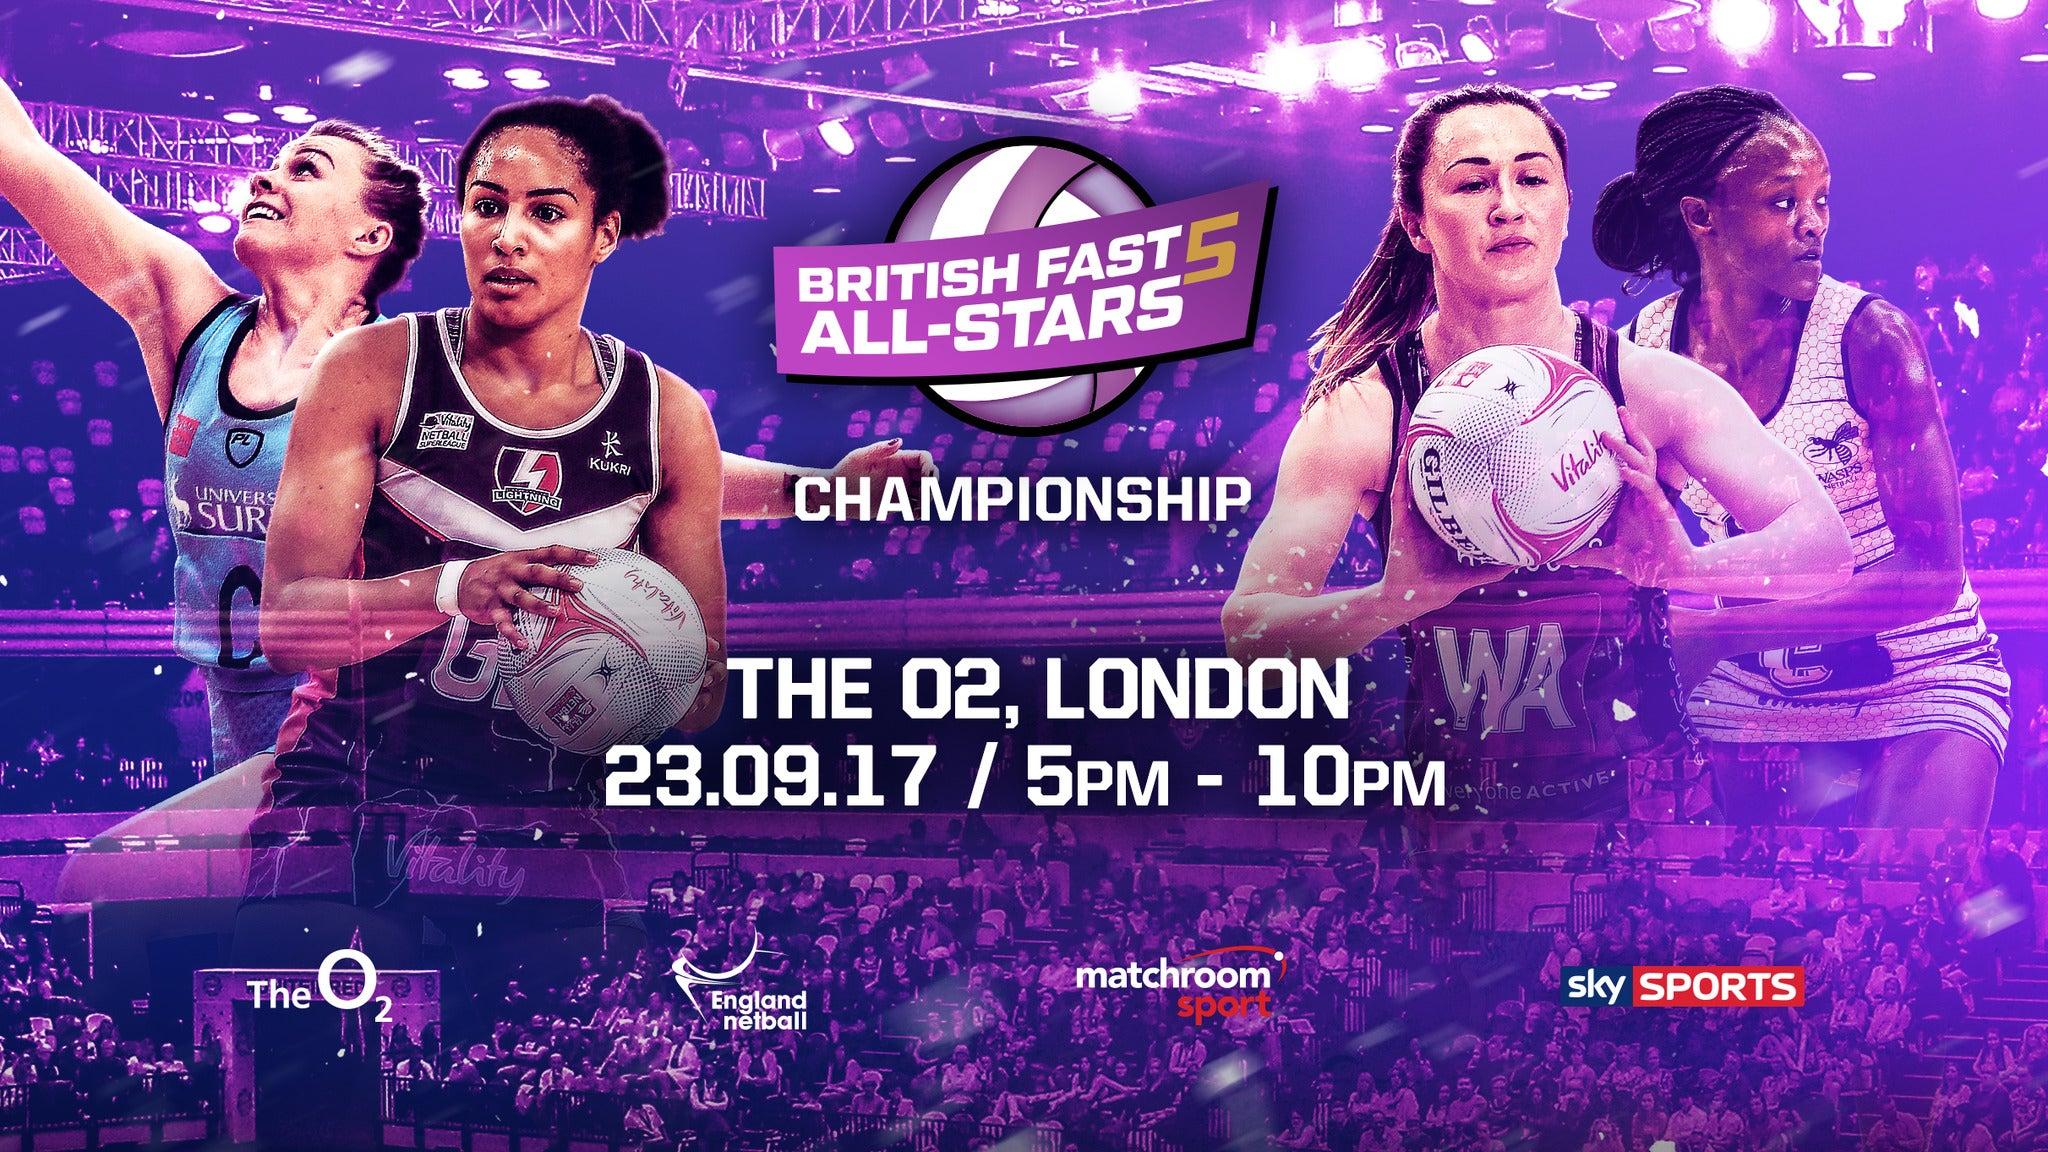 British Fast5 All-Stars